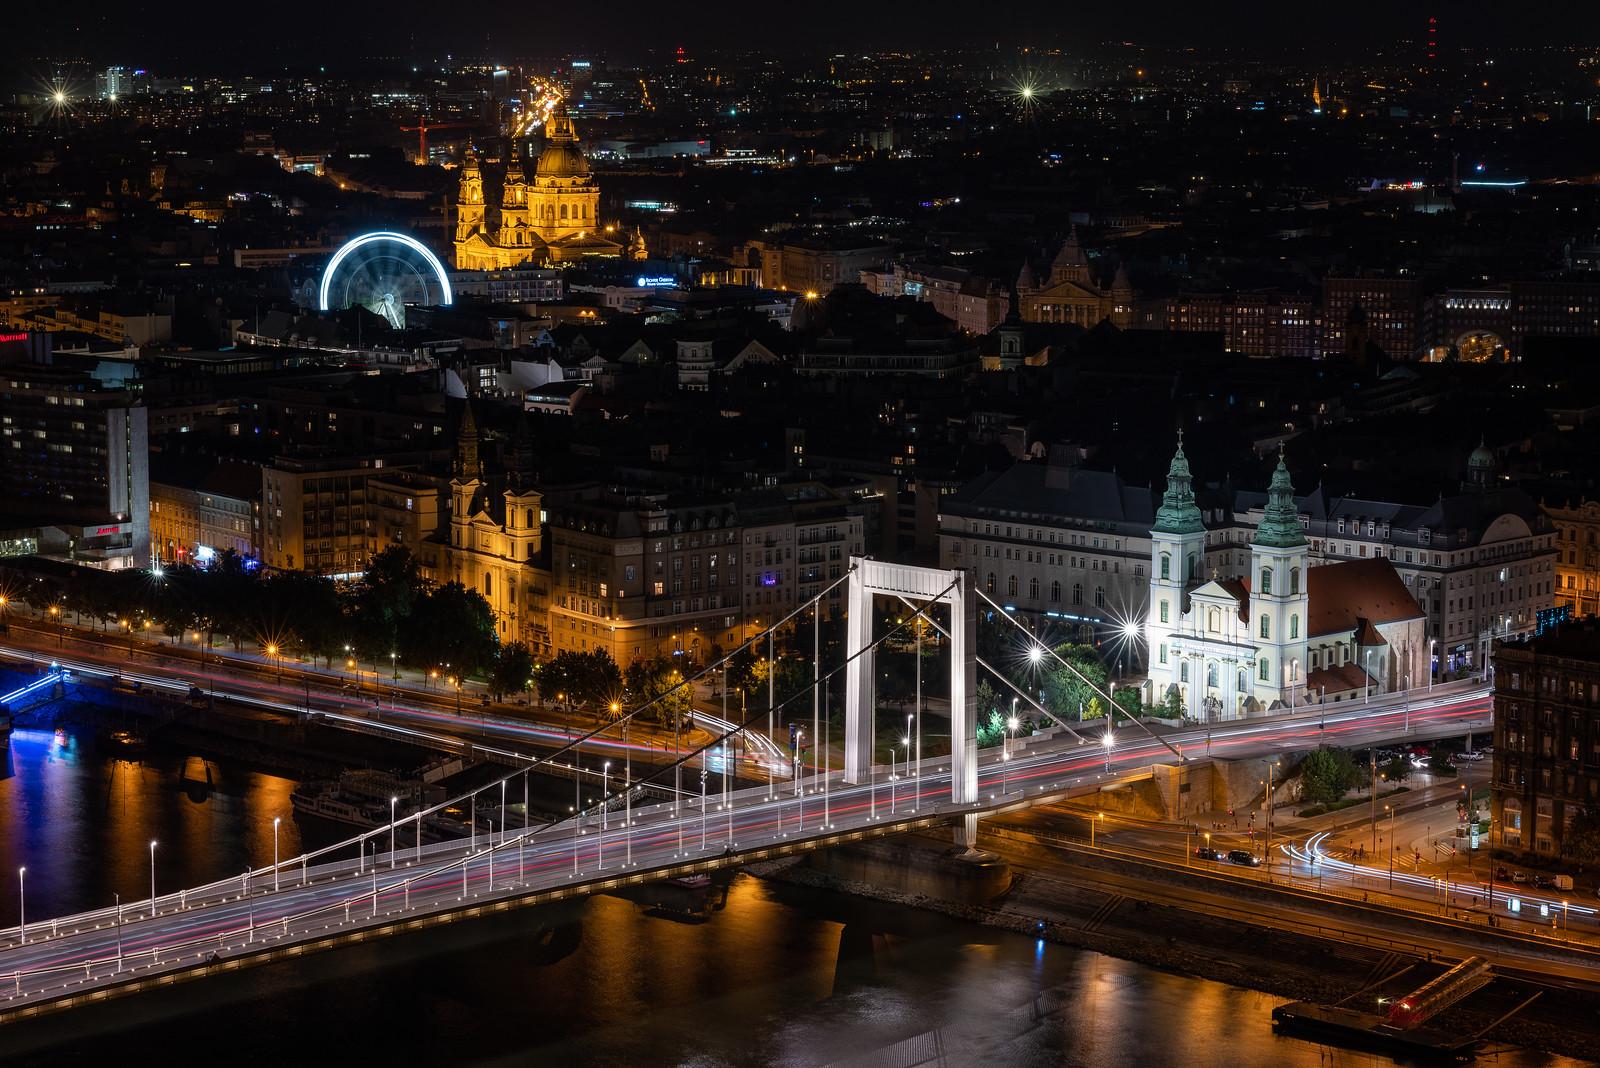 erzsébet híd és bazilika éjjel